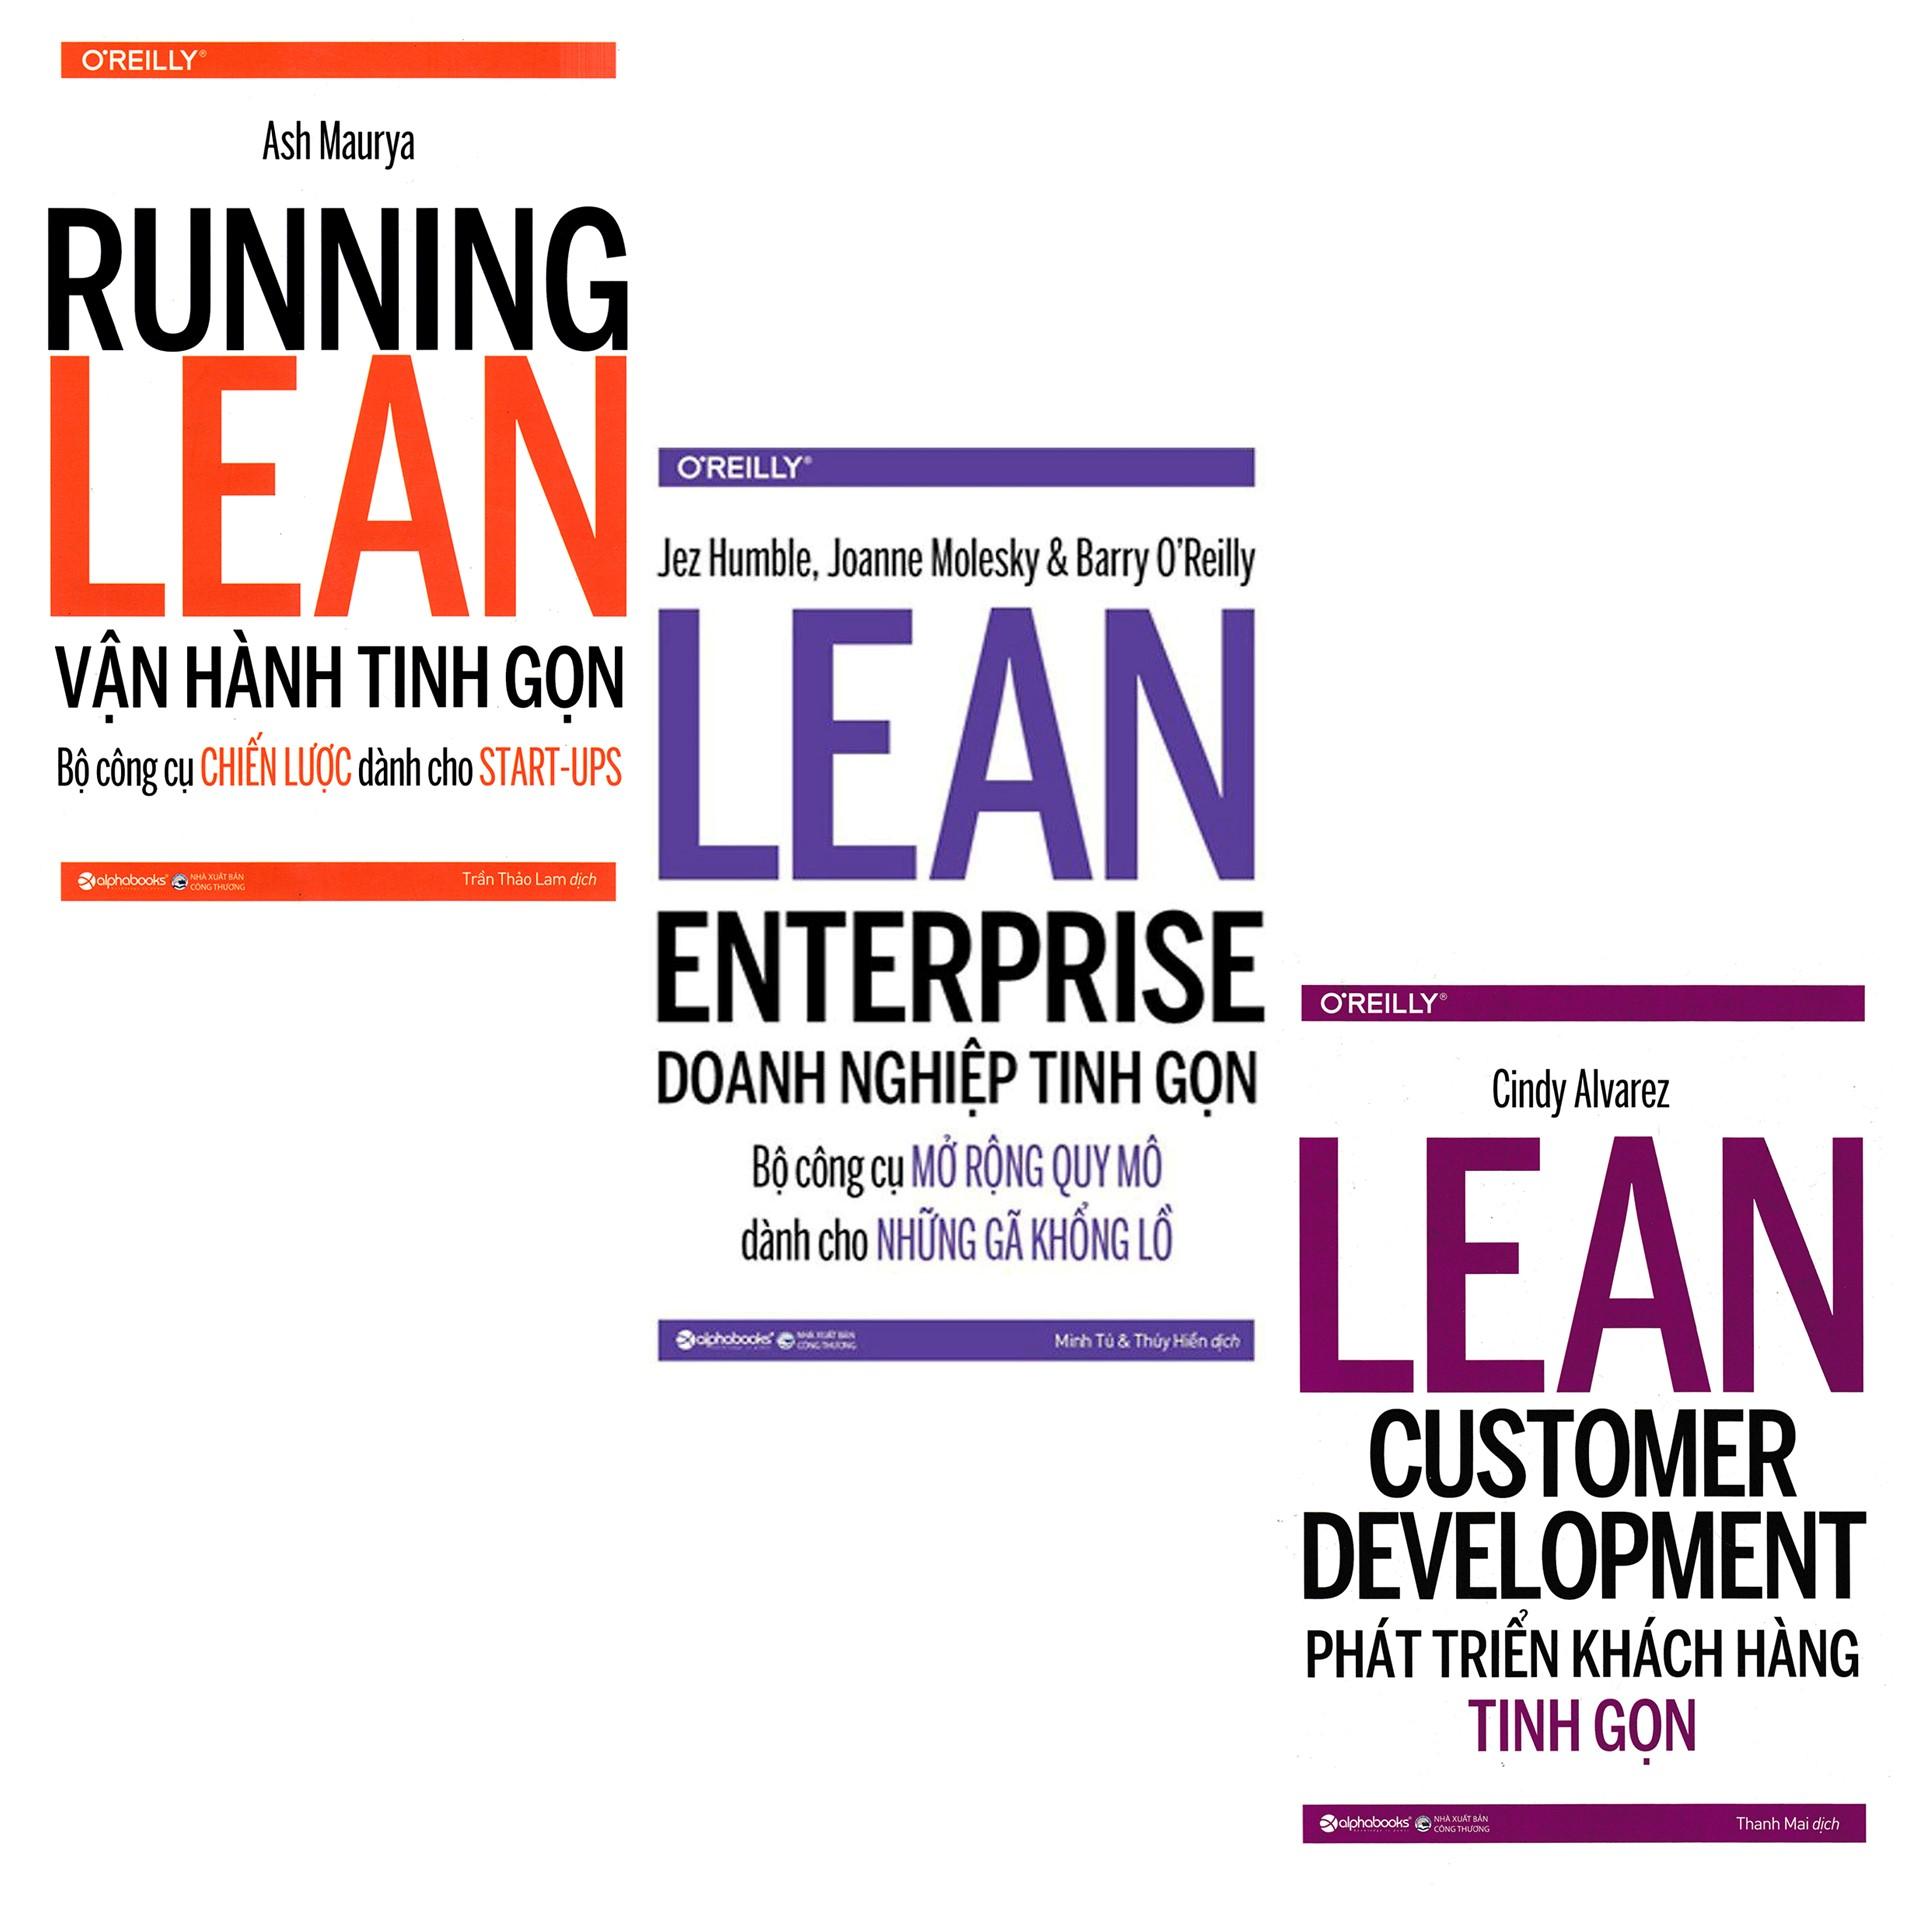 Combo Sách Kinh Doanh : Running learn - Vận Hành Tinh Gọn + Doanh Nghiệp Tinh Gọn + Phát Triển Khách Hàng Tinh Gọn